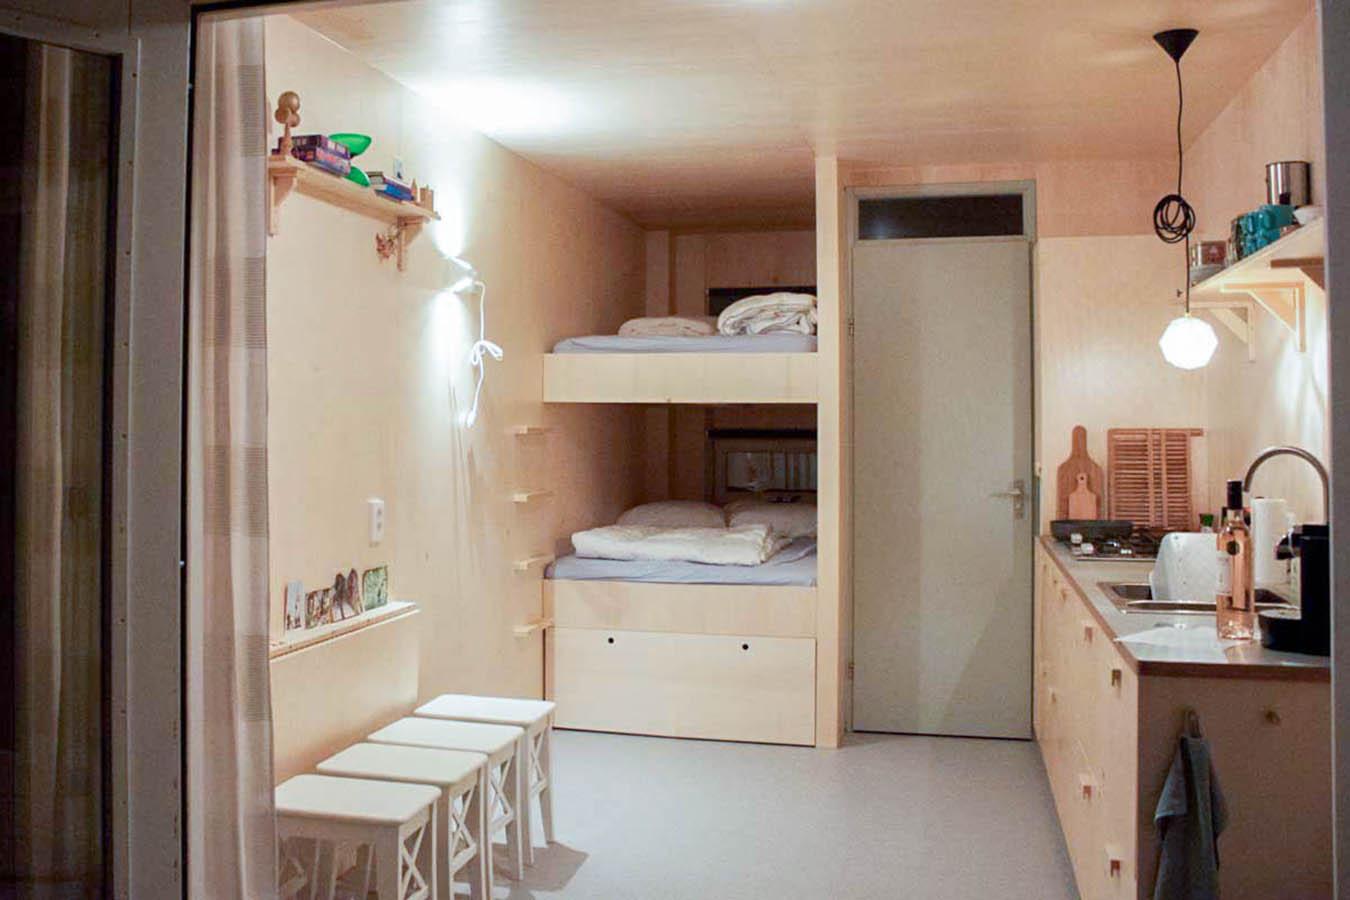 Een keuken, bed en opbergruimte op maat in een strandhuis